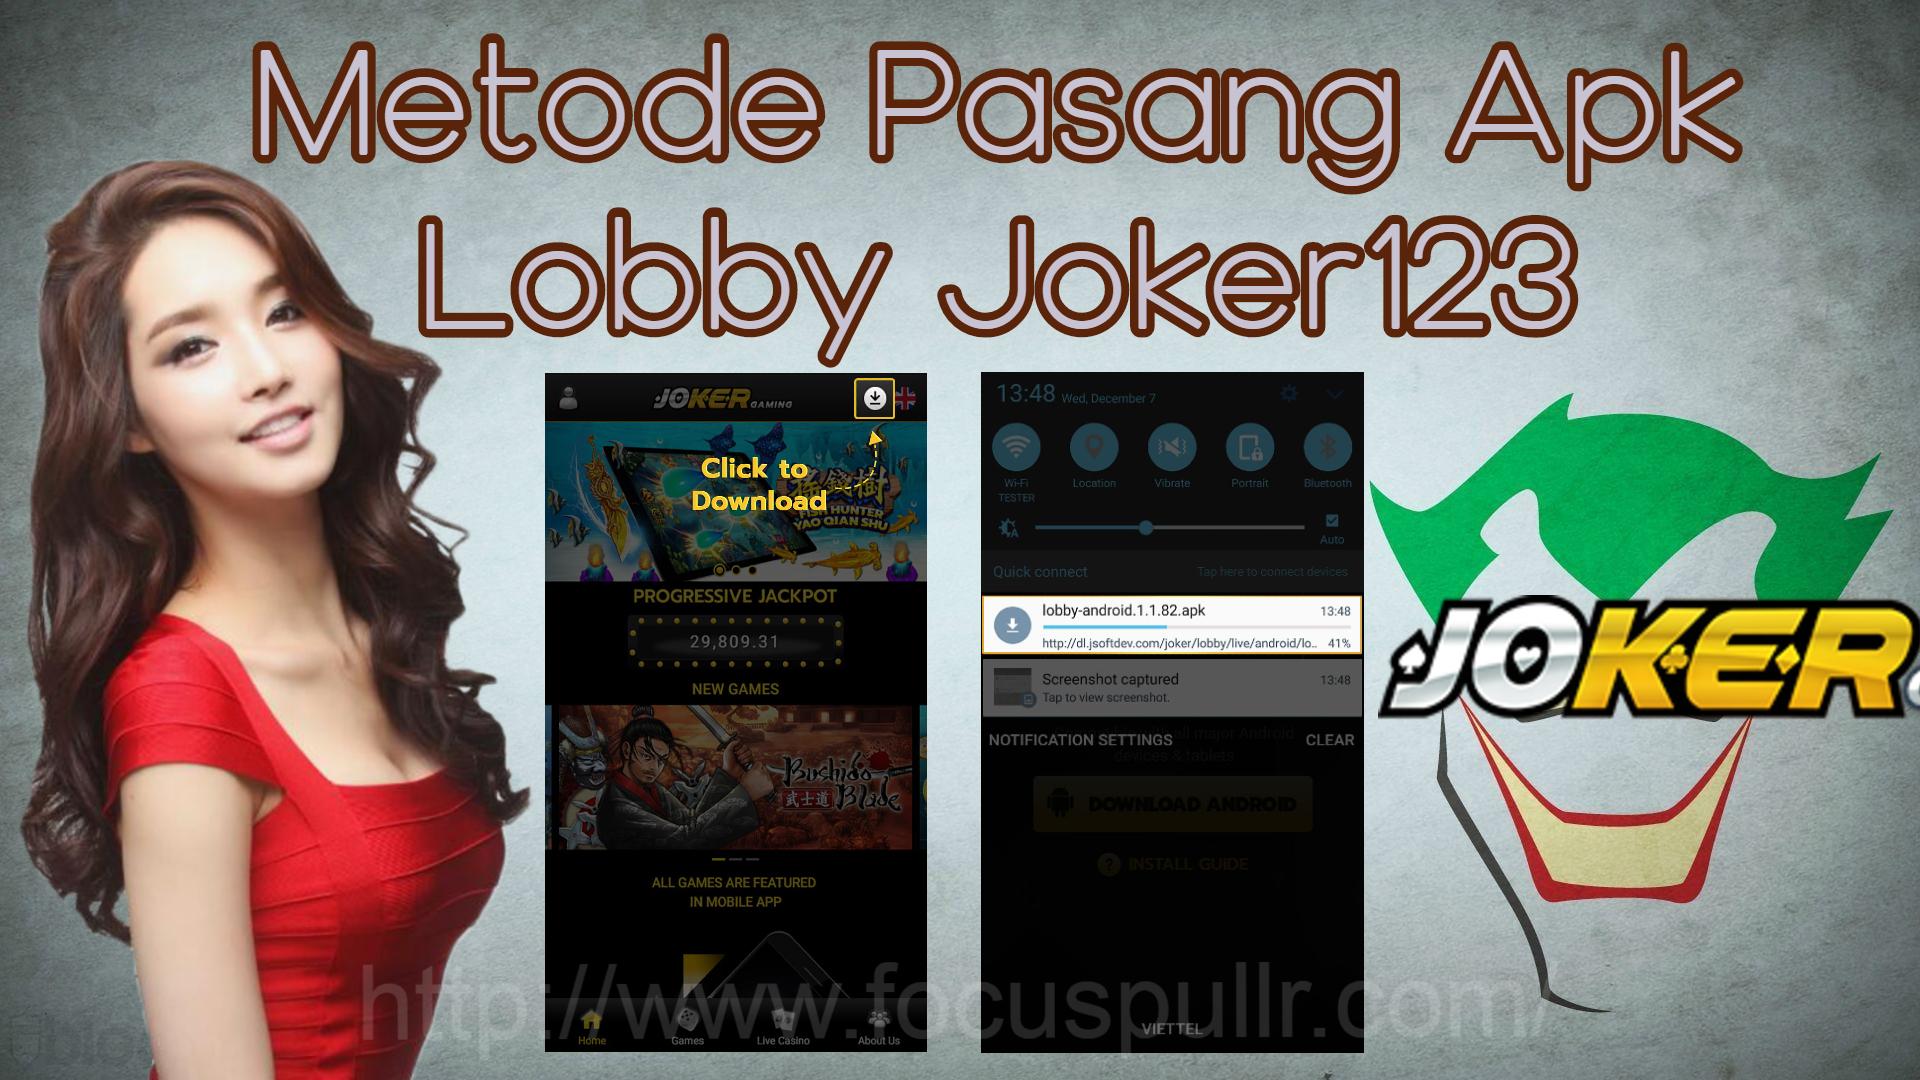 Metode Pasang Apk Lobby Joker123